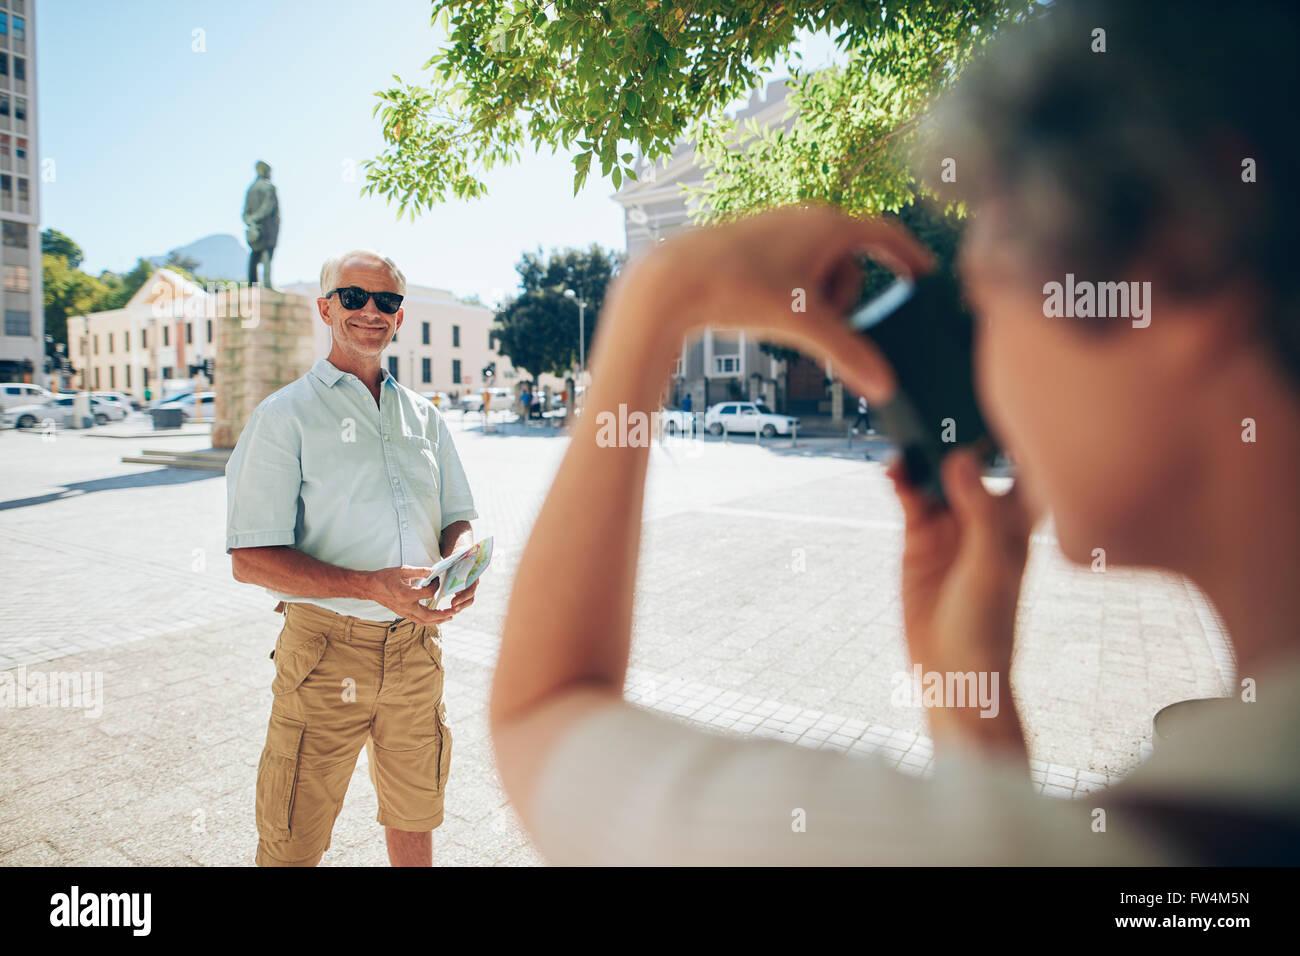 Senior woman für Fotos zu posieren. Mann von seiner Frau im Urlaub fotografiert. Stockbild